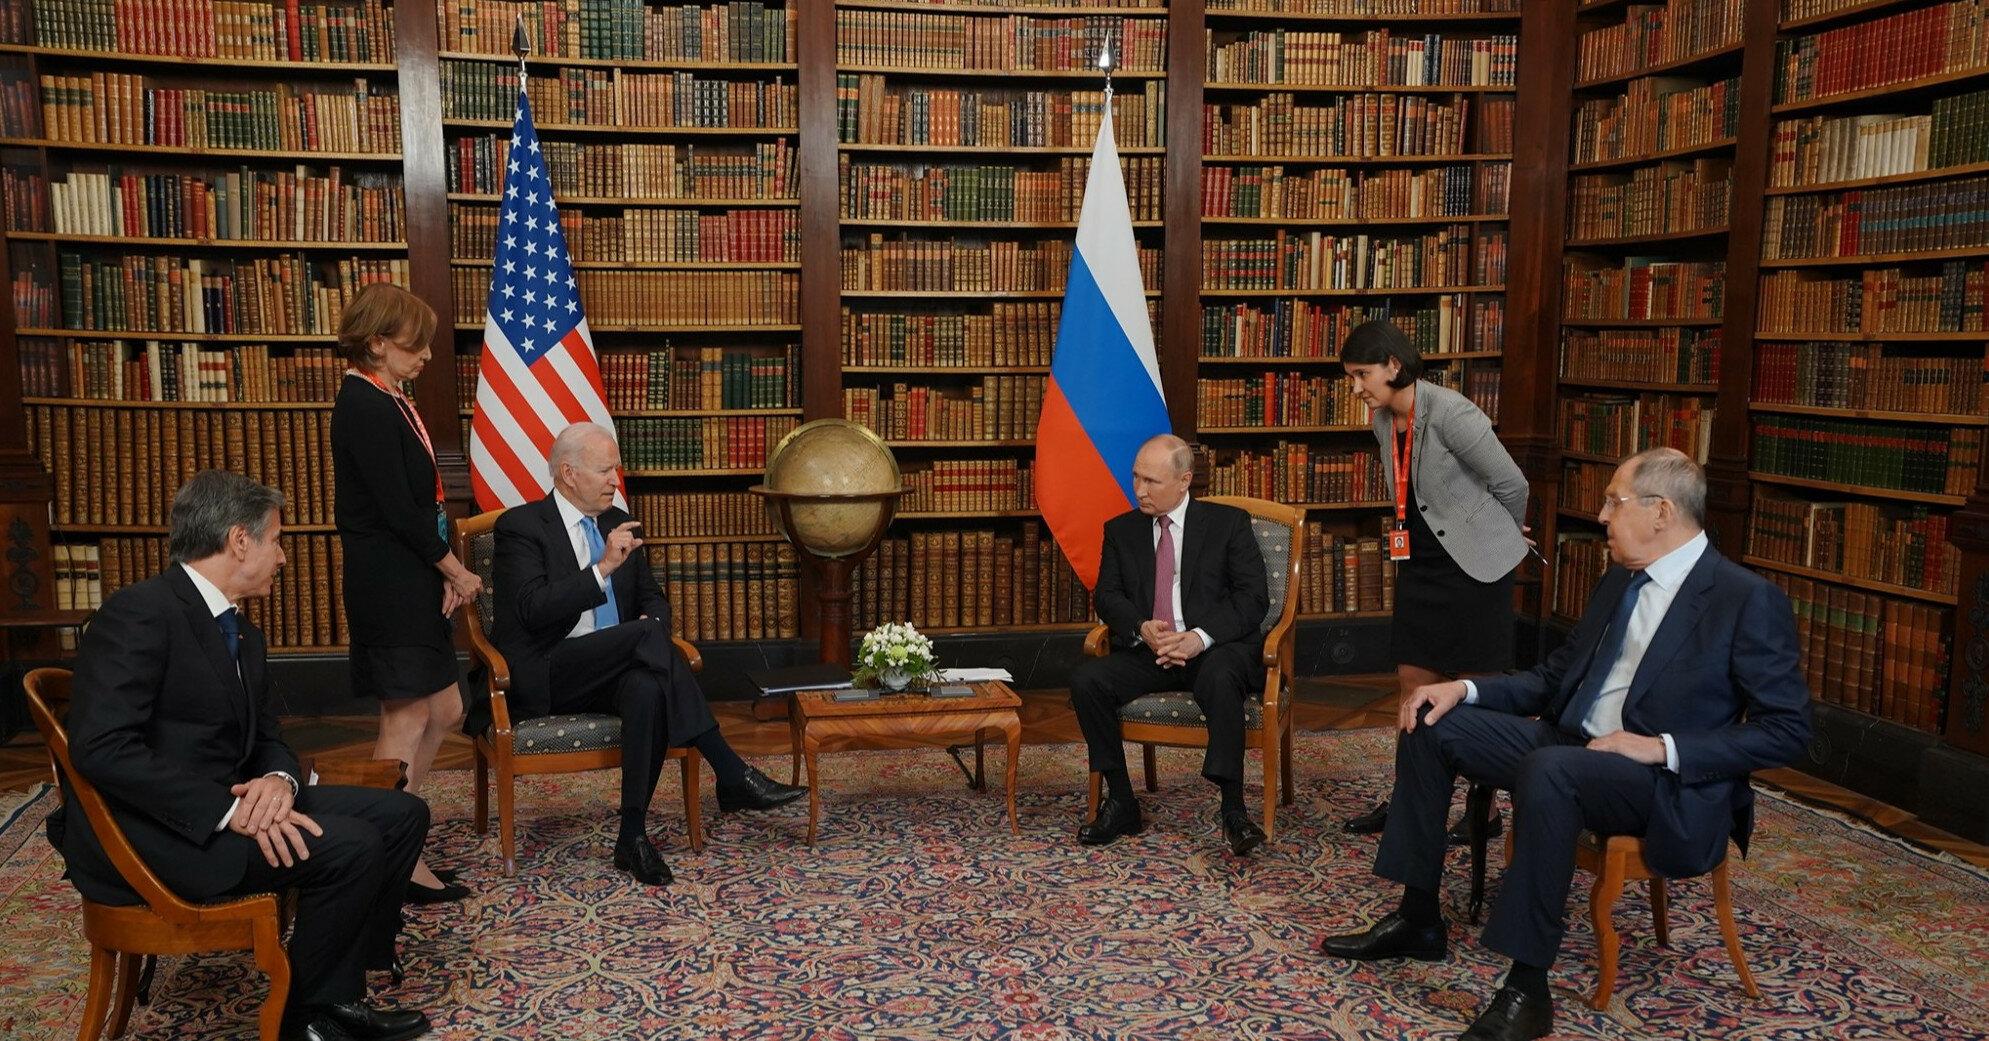 Байден рассказал, какими он видит отношения с Путиным